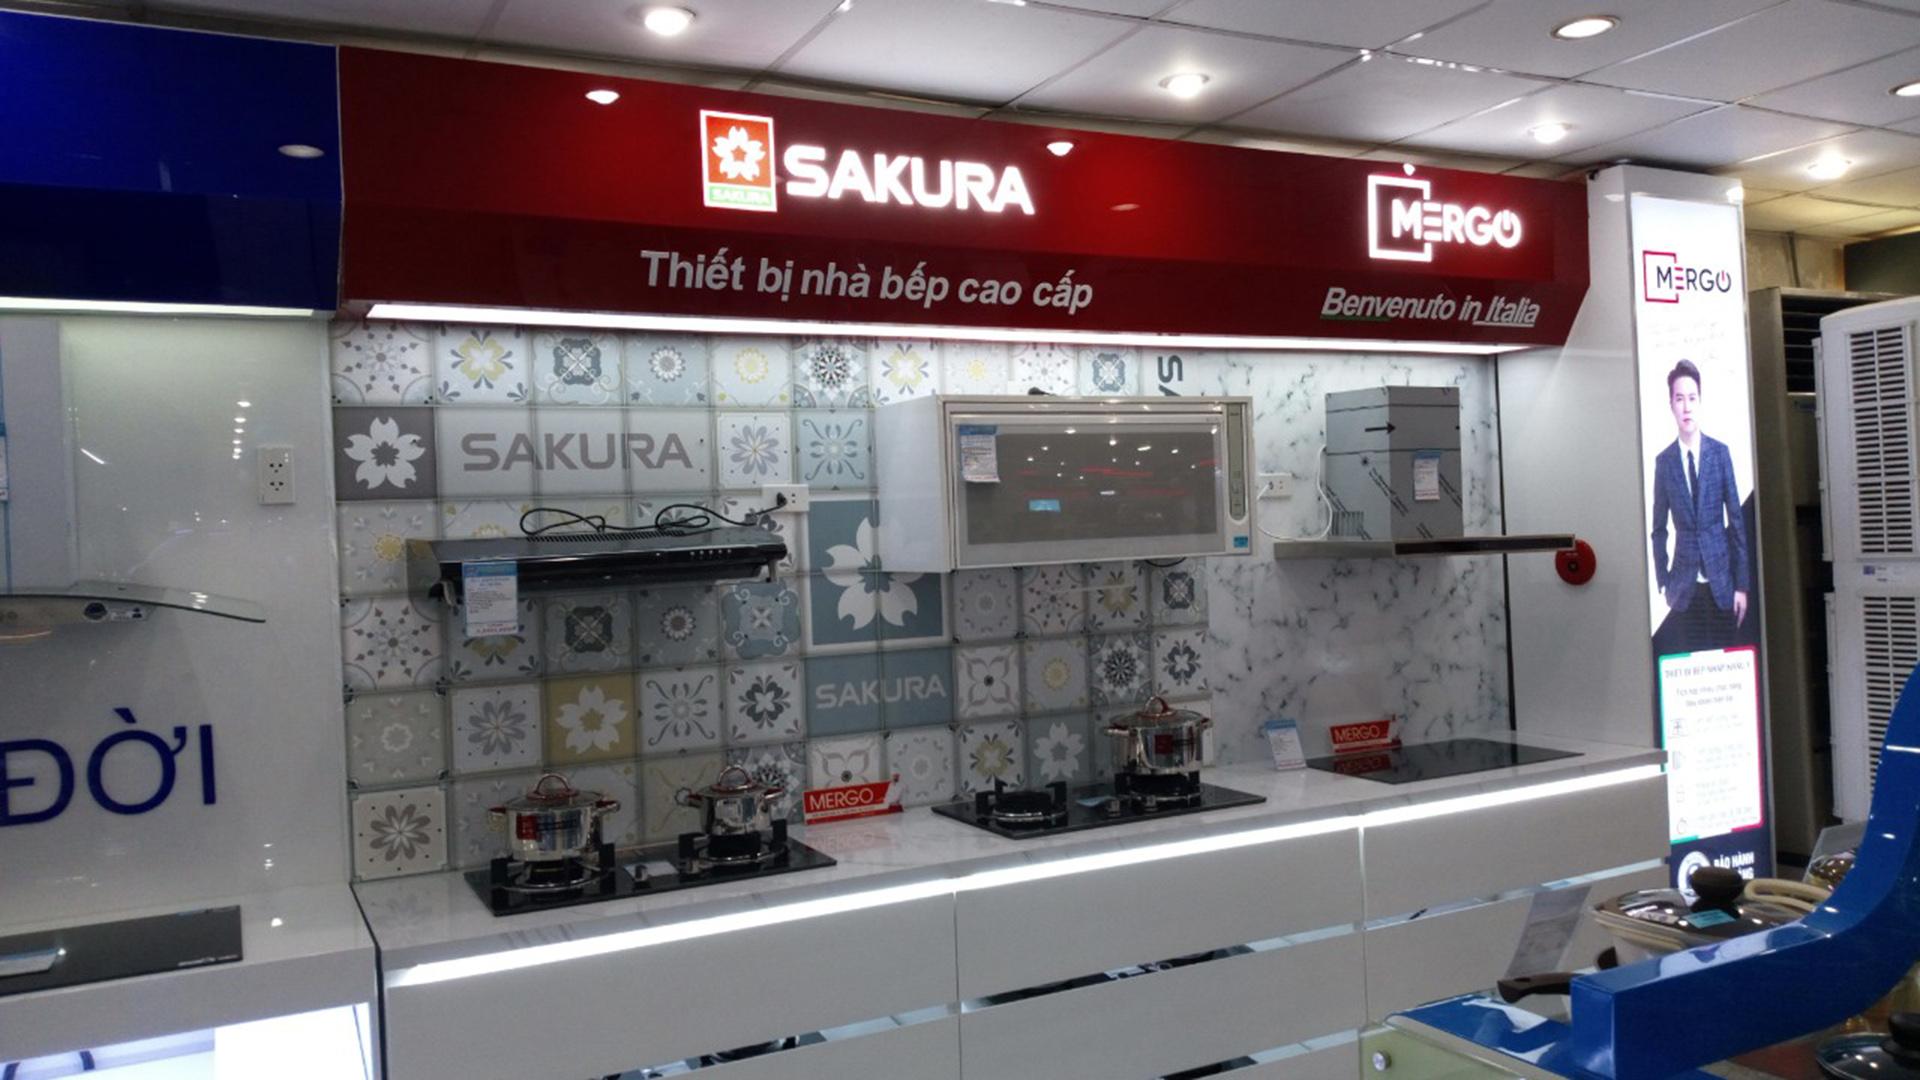 Quầy kệ bếp Sakura – CÔNG TY CP XD QC TM HOA SƠN ✔️ Chuyên thi công nội  thất ✔️ Kệ trưng bày ☎️ 090 303 7747 ? hoasondecor@gmail.com